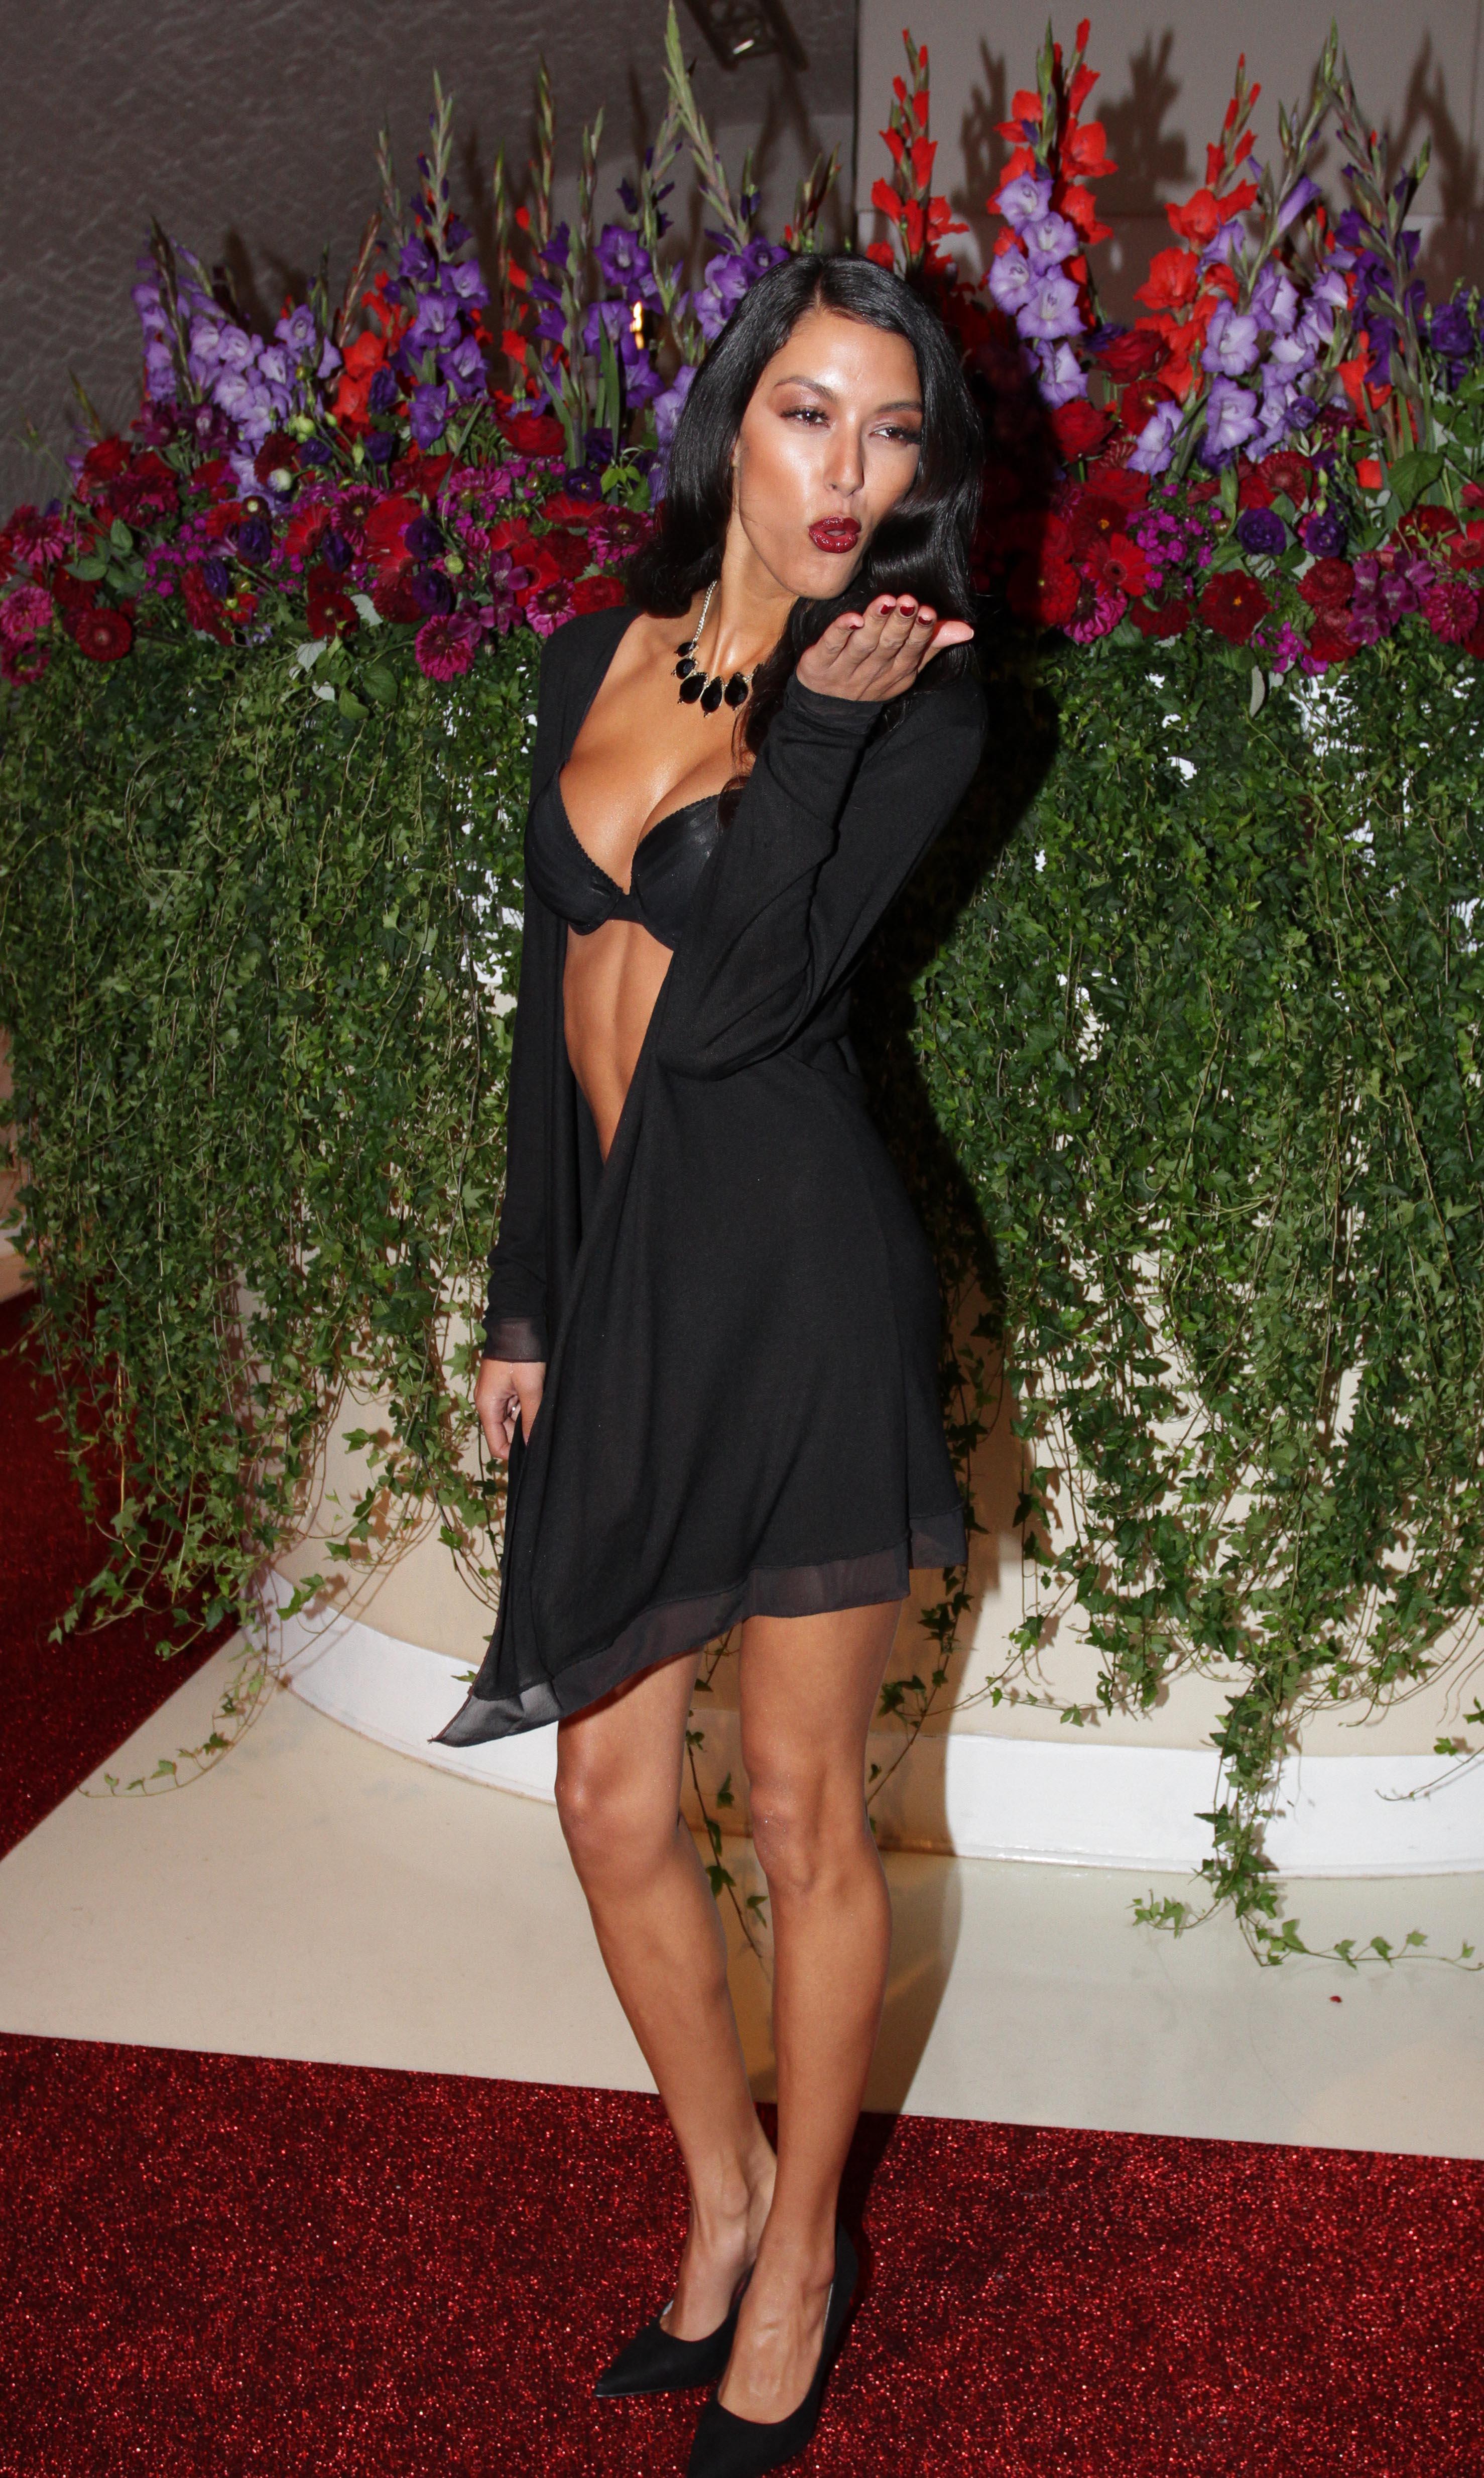 Rebecca Mir - Page 4 - Female Fashion Models - Bellazon-2247